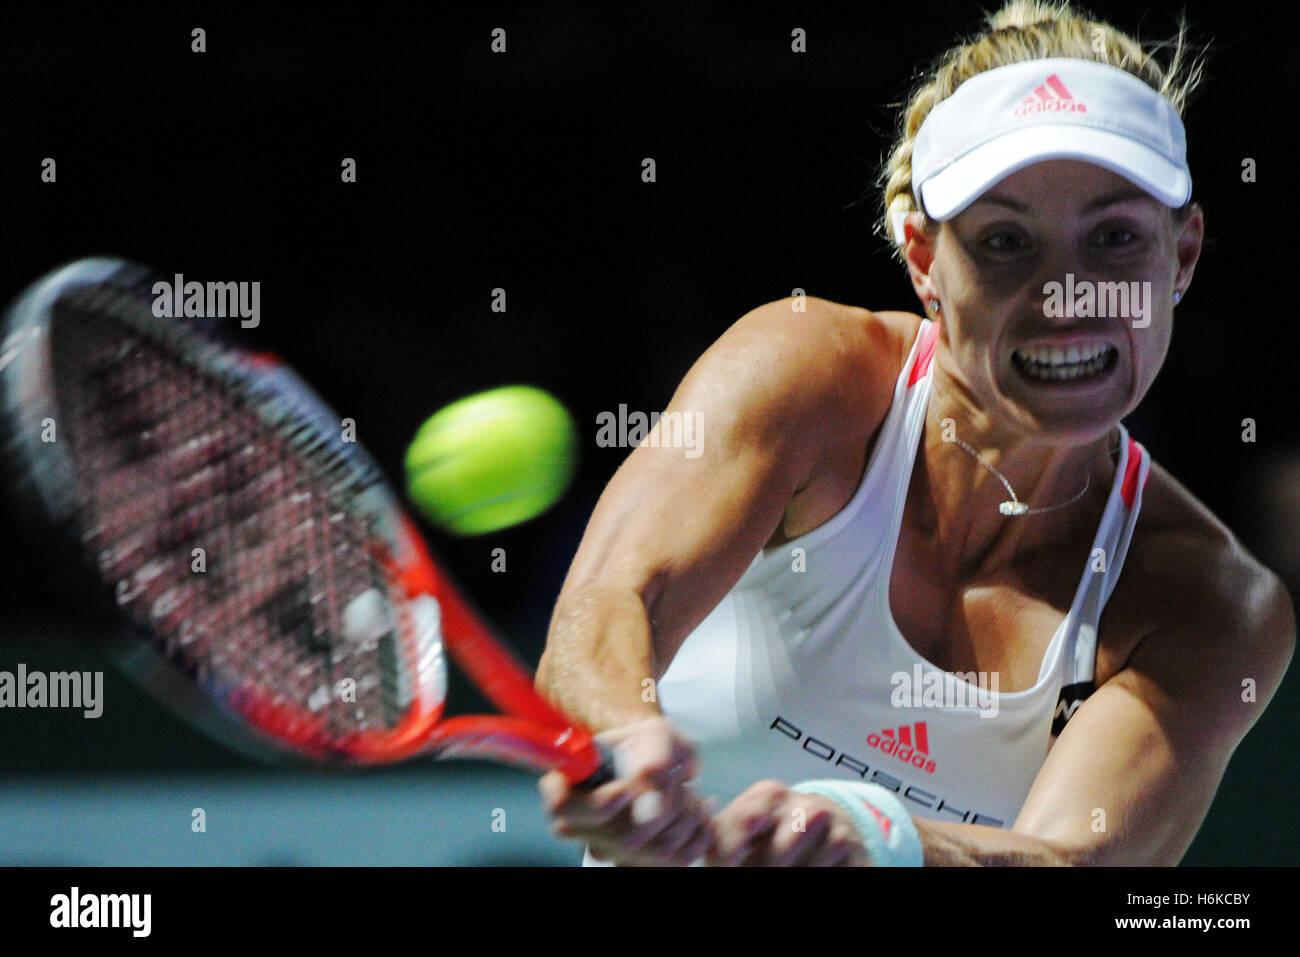 Singapur. 30. Oktober 2016. Angelique Kerber Deutschland konkurriert in der WTA-Finale Match gegen Dominika Cibulkova Stockfoto